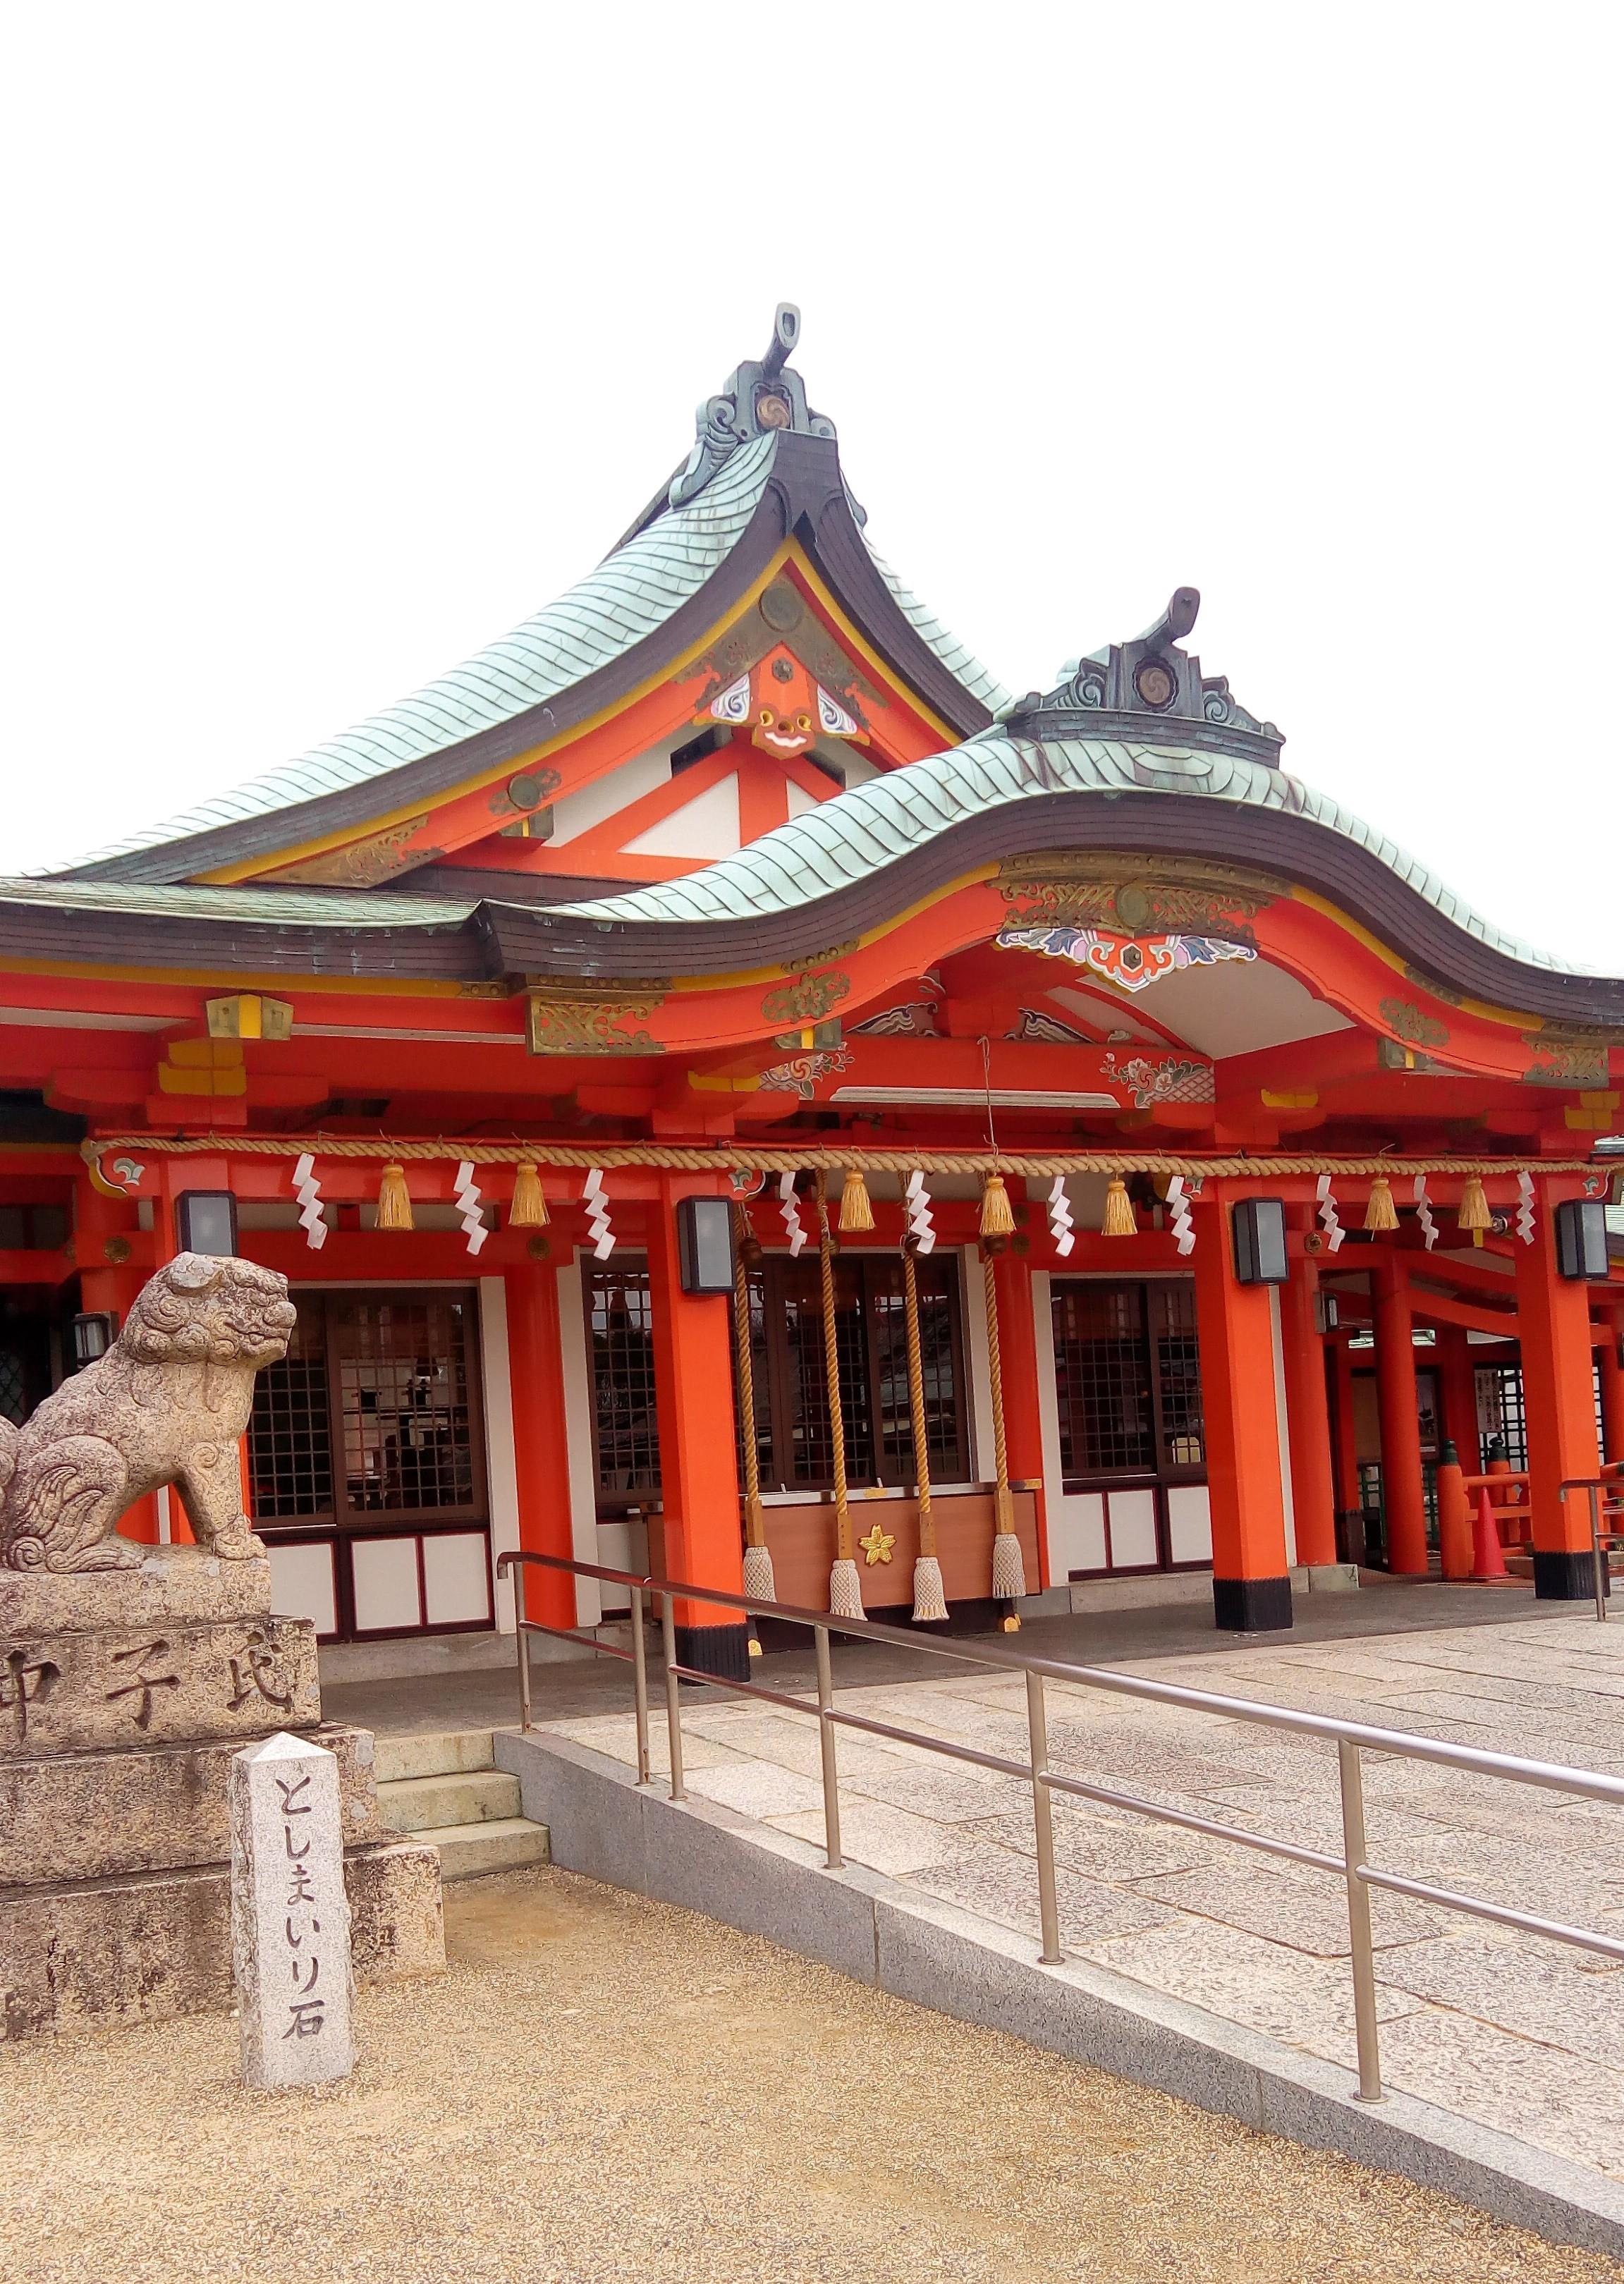 じ や じ ひめ は んじゃ た 宇奈岐日女神社(うなぐひめじんじゃ)